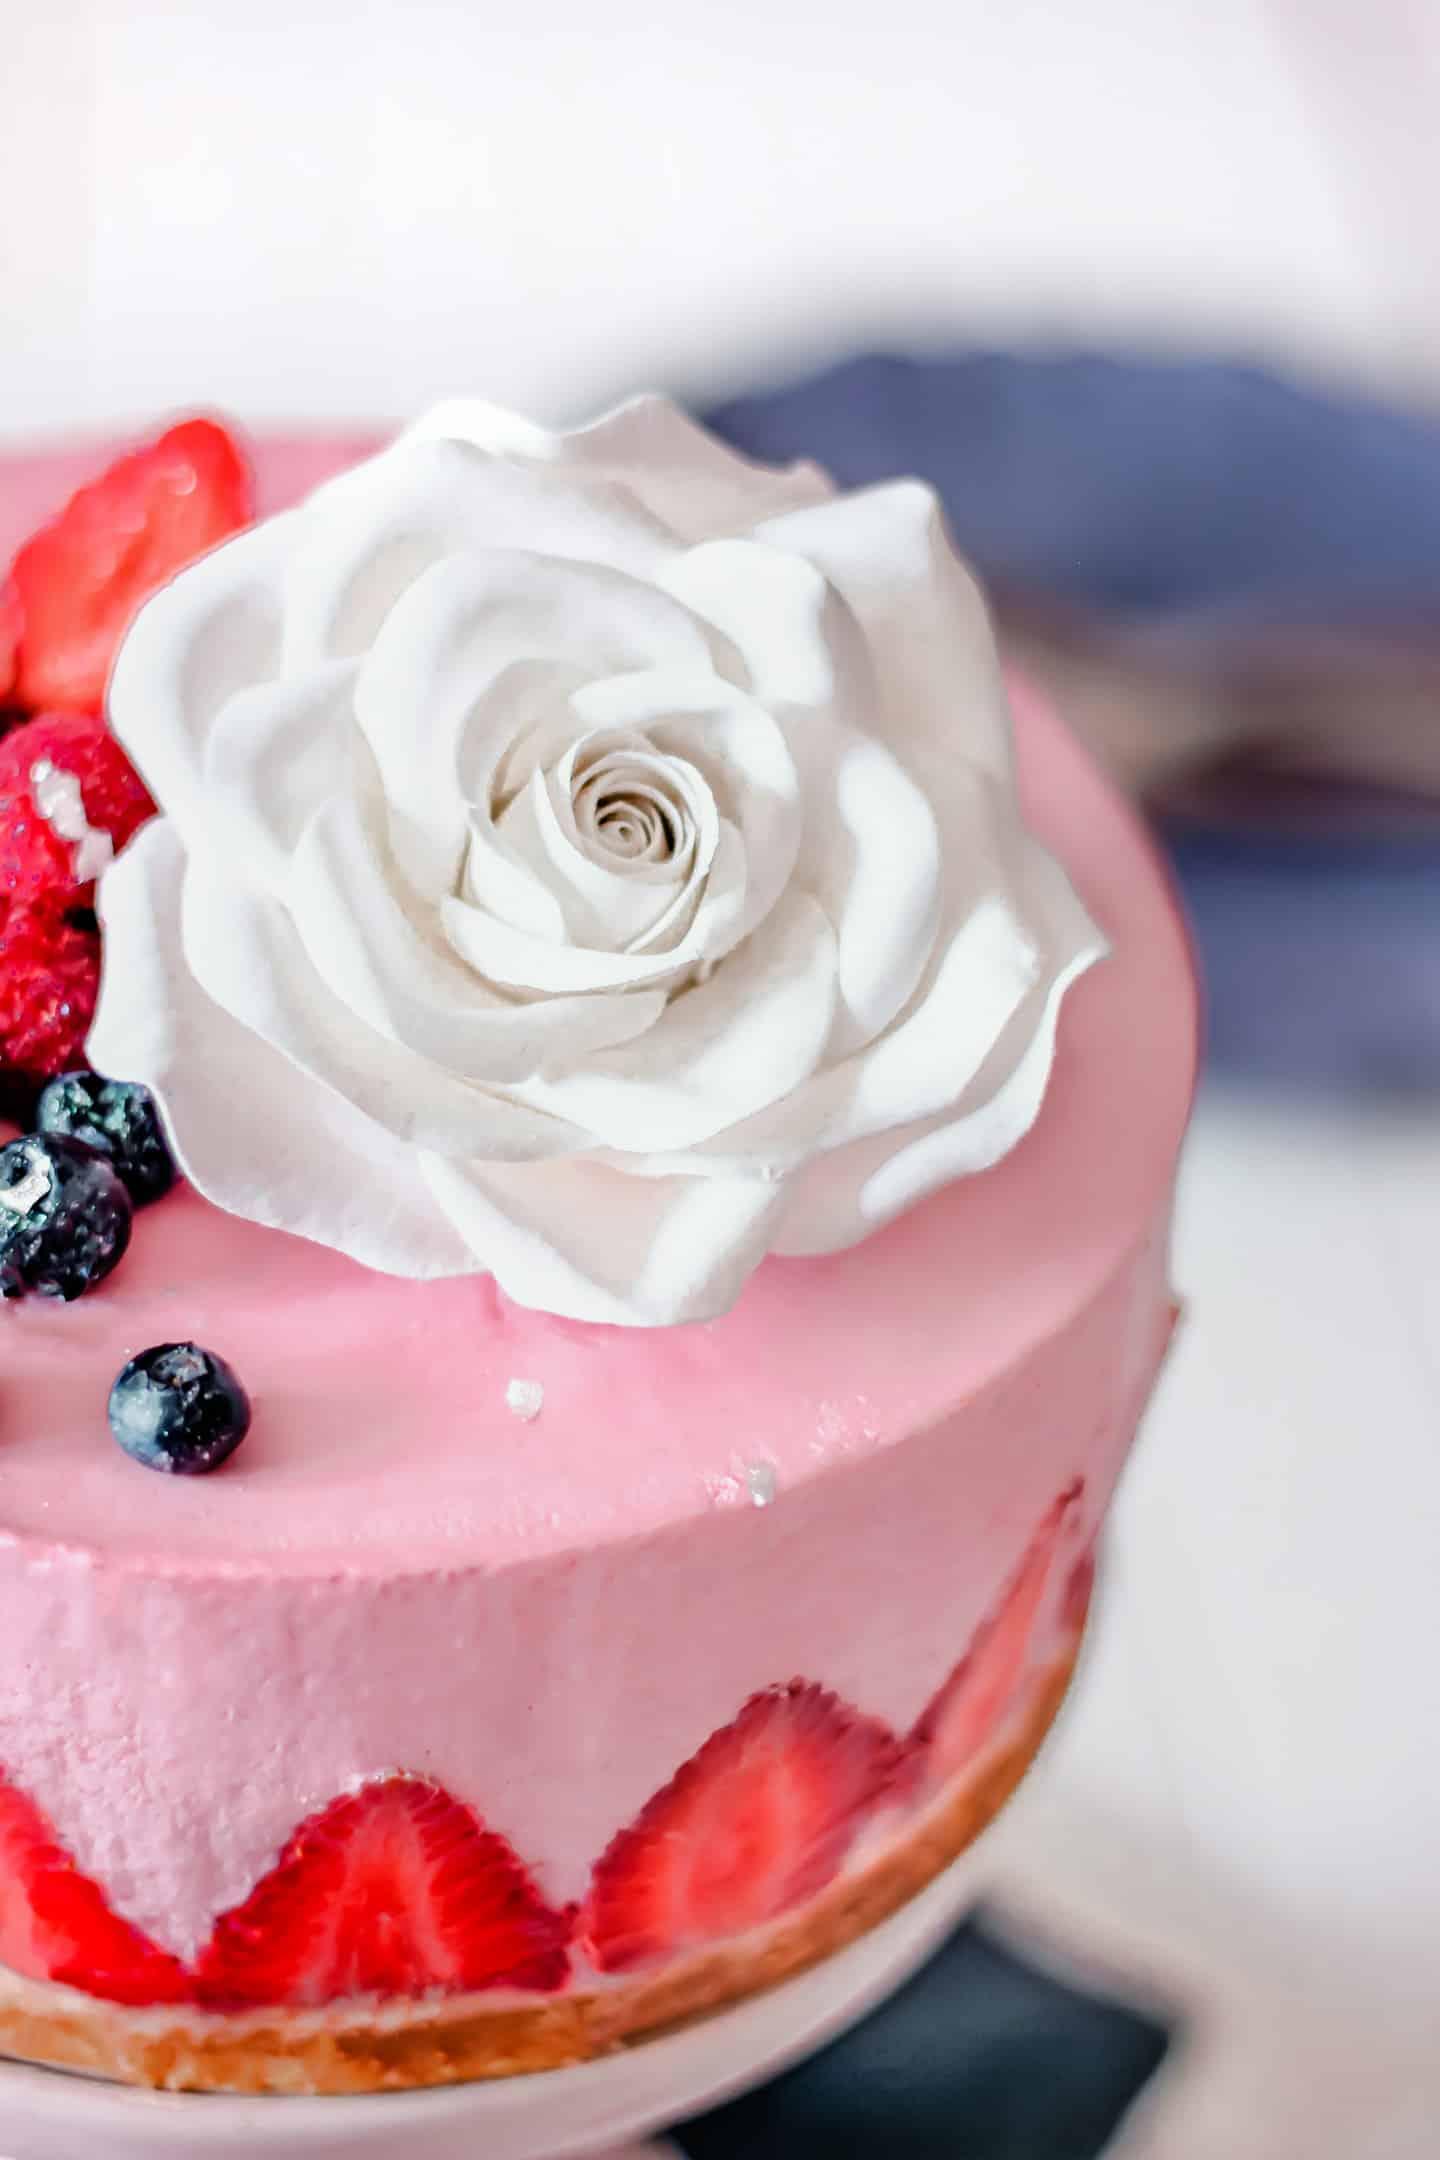 Cheesecake comme un fraisier